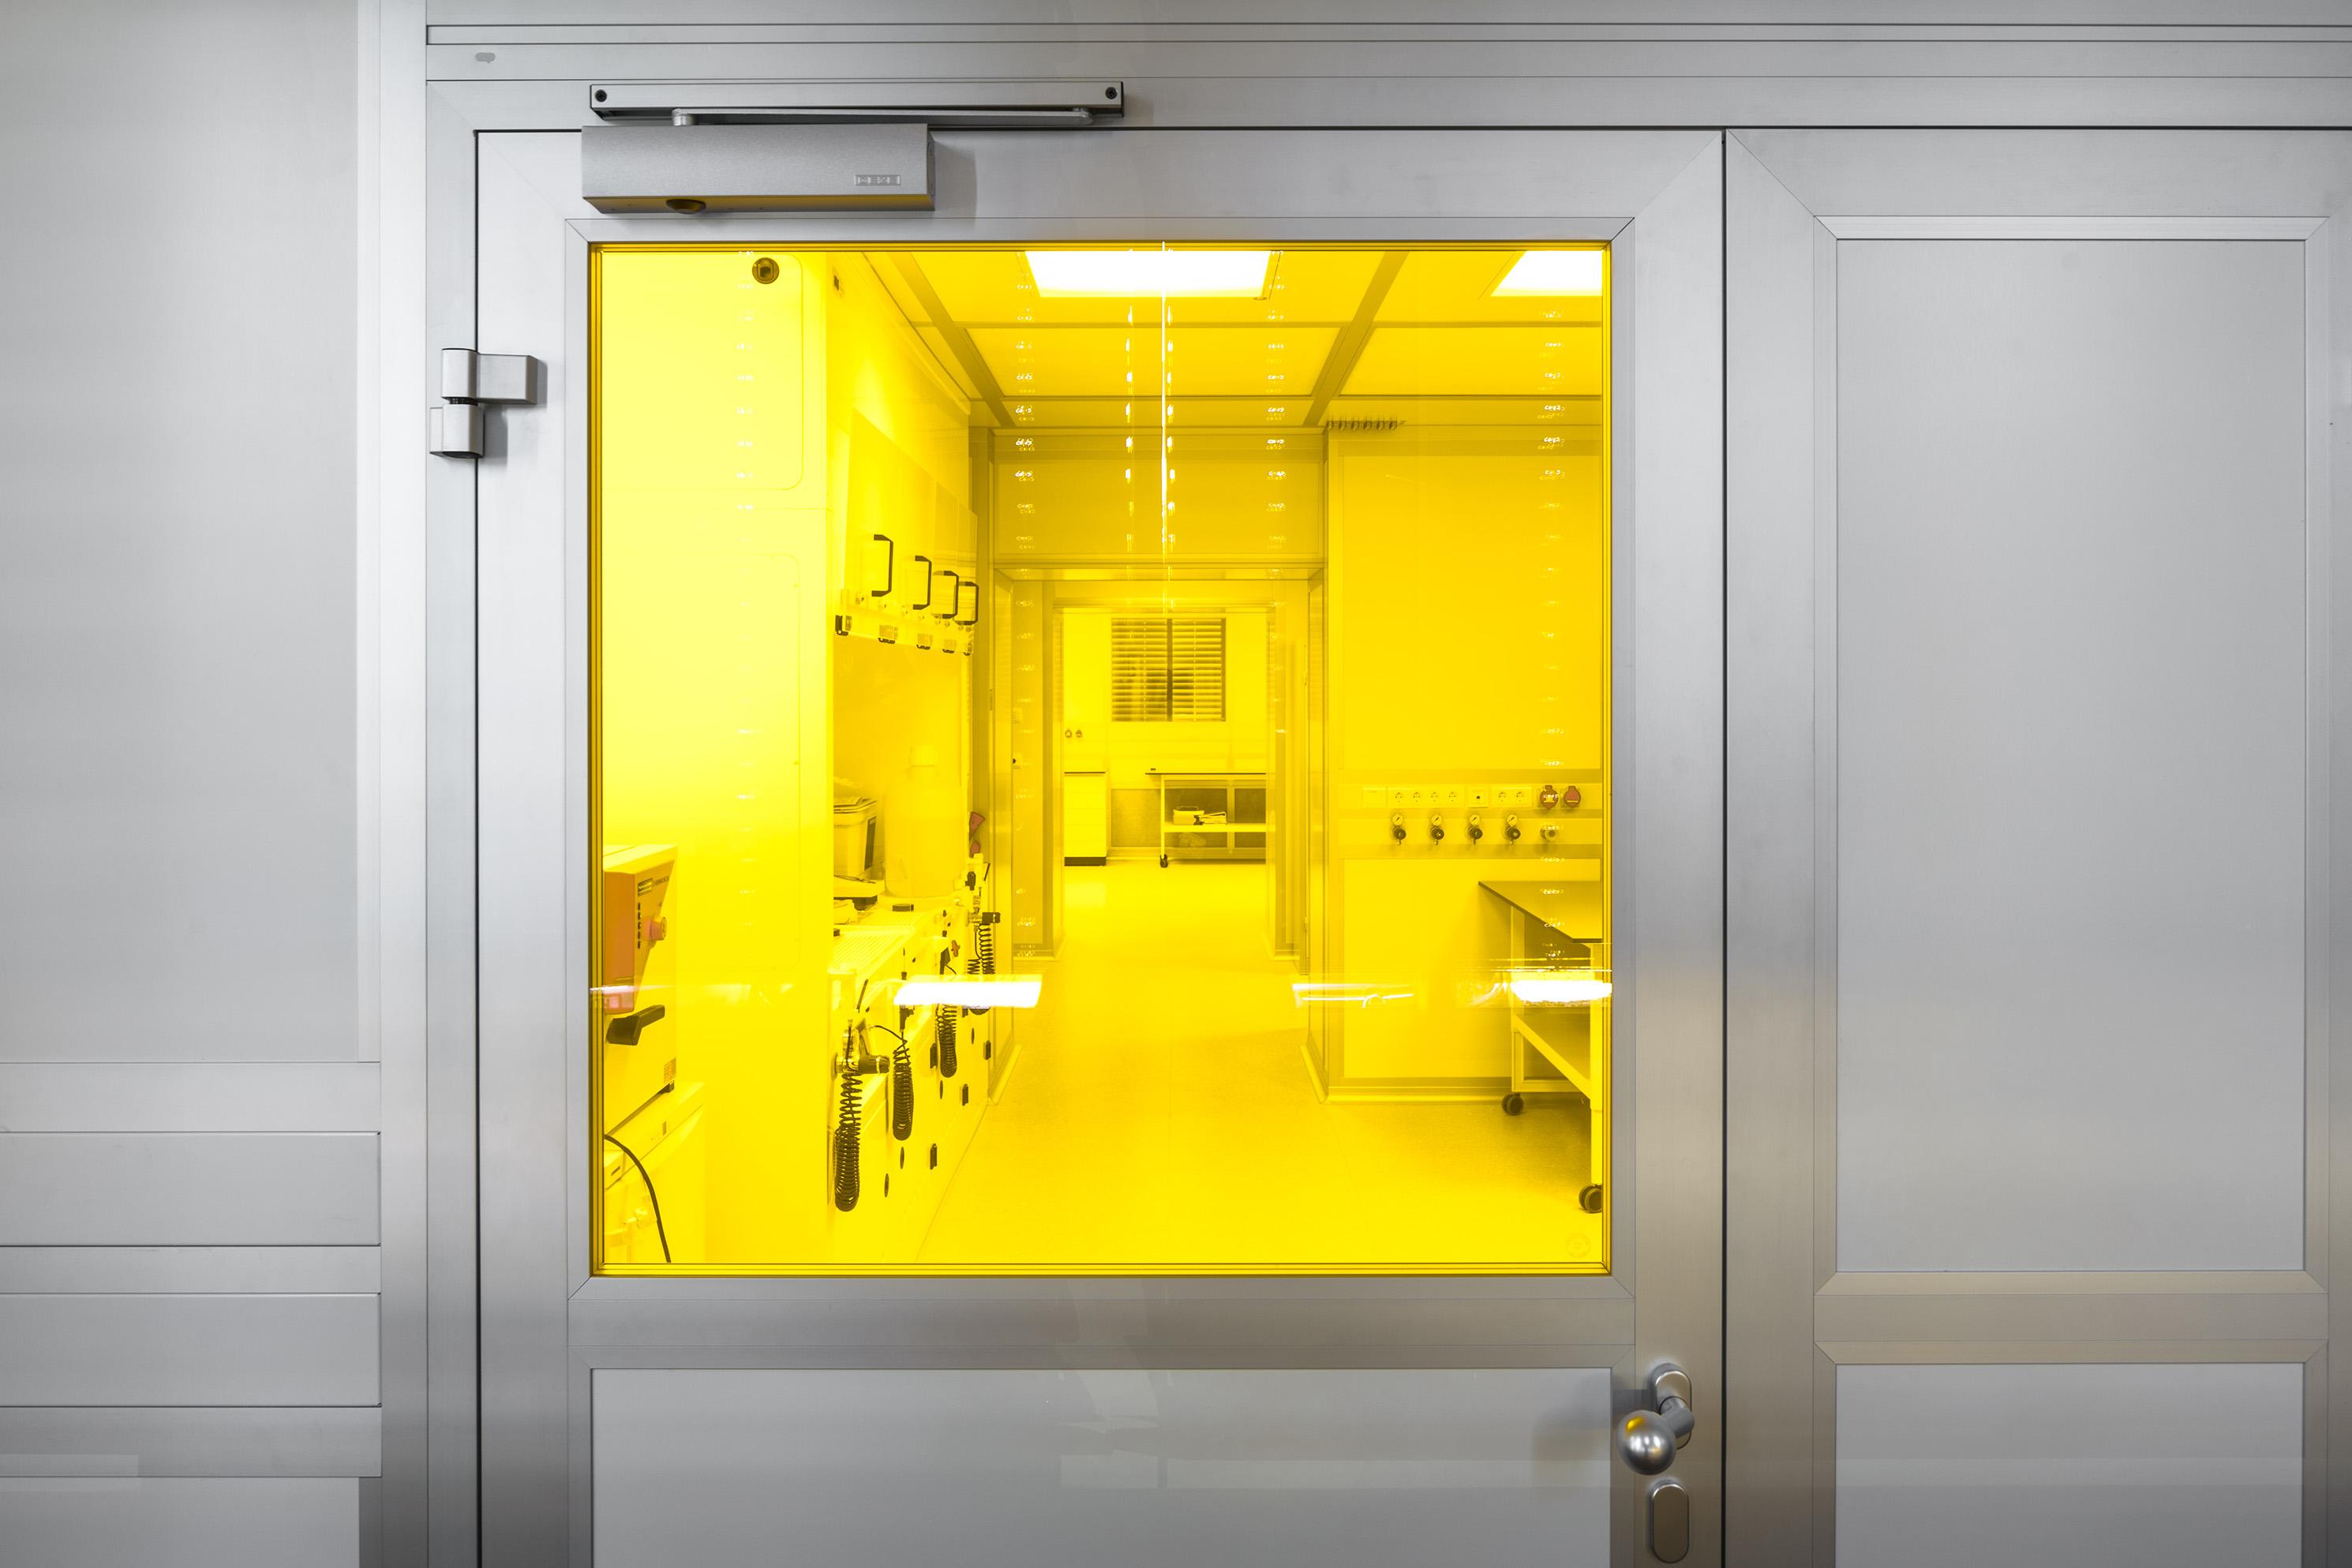 Materialforschung (CAM) Heidelberg 6 - ArGe Architekten